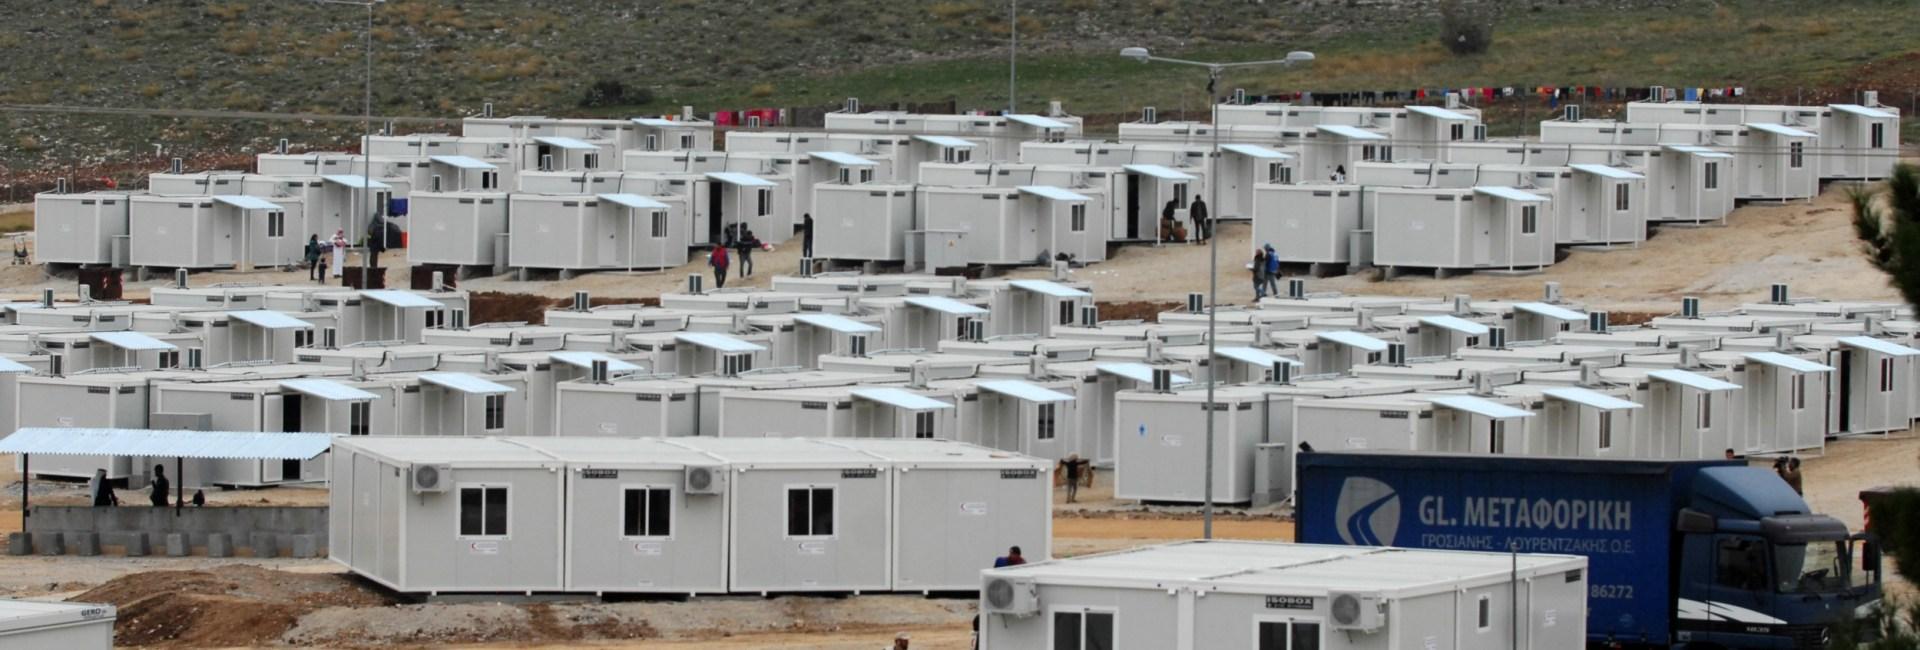 Προσφυγικό και ασυνόδευτα παιδιά: Αλήθειες εκτός… χρηματοδότησης